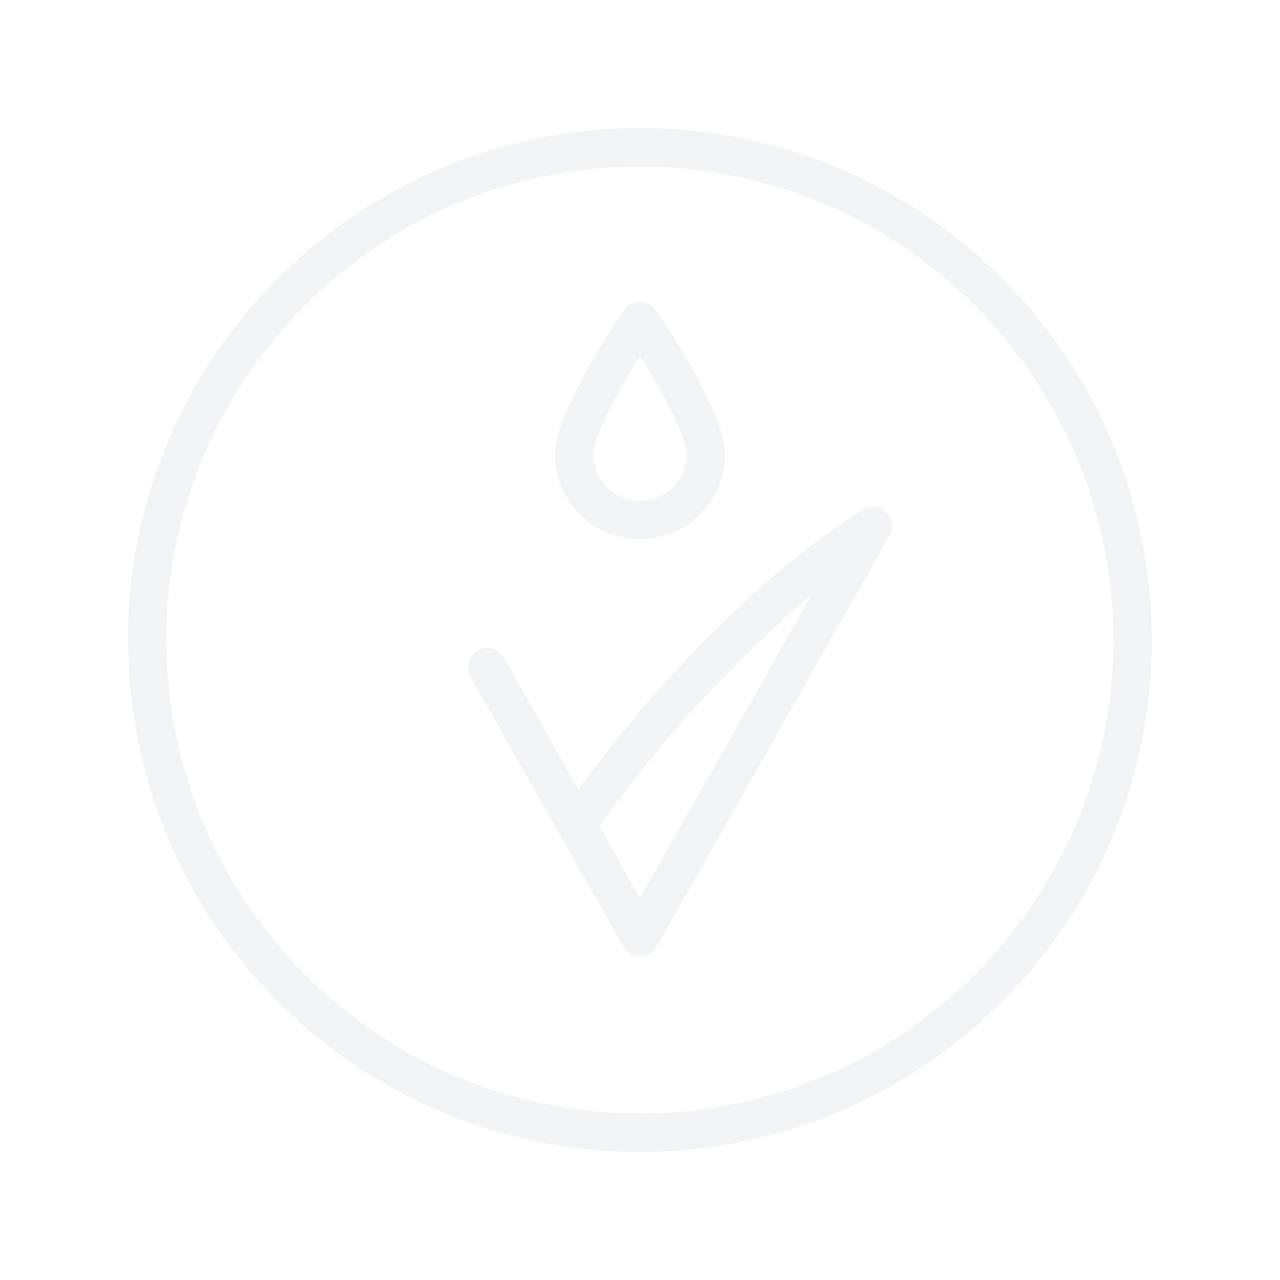 ELEMIS Exotics Frangipani Monoi Salt Glow 490g